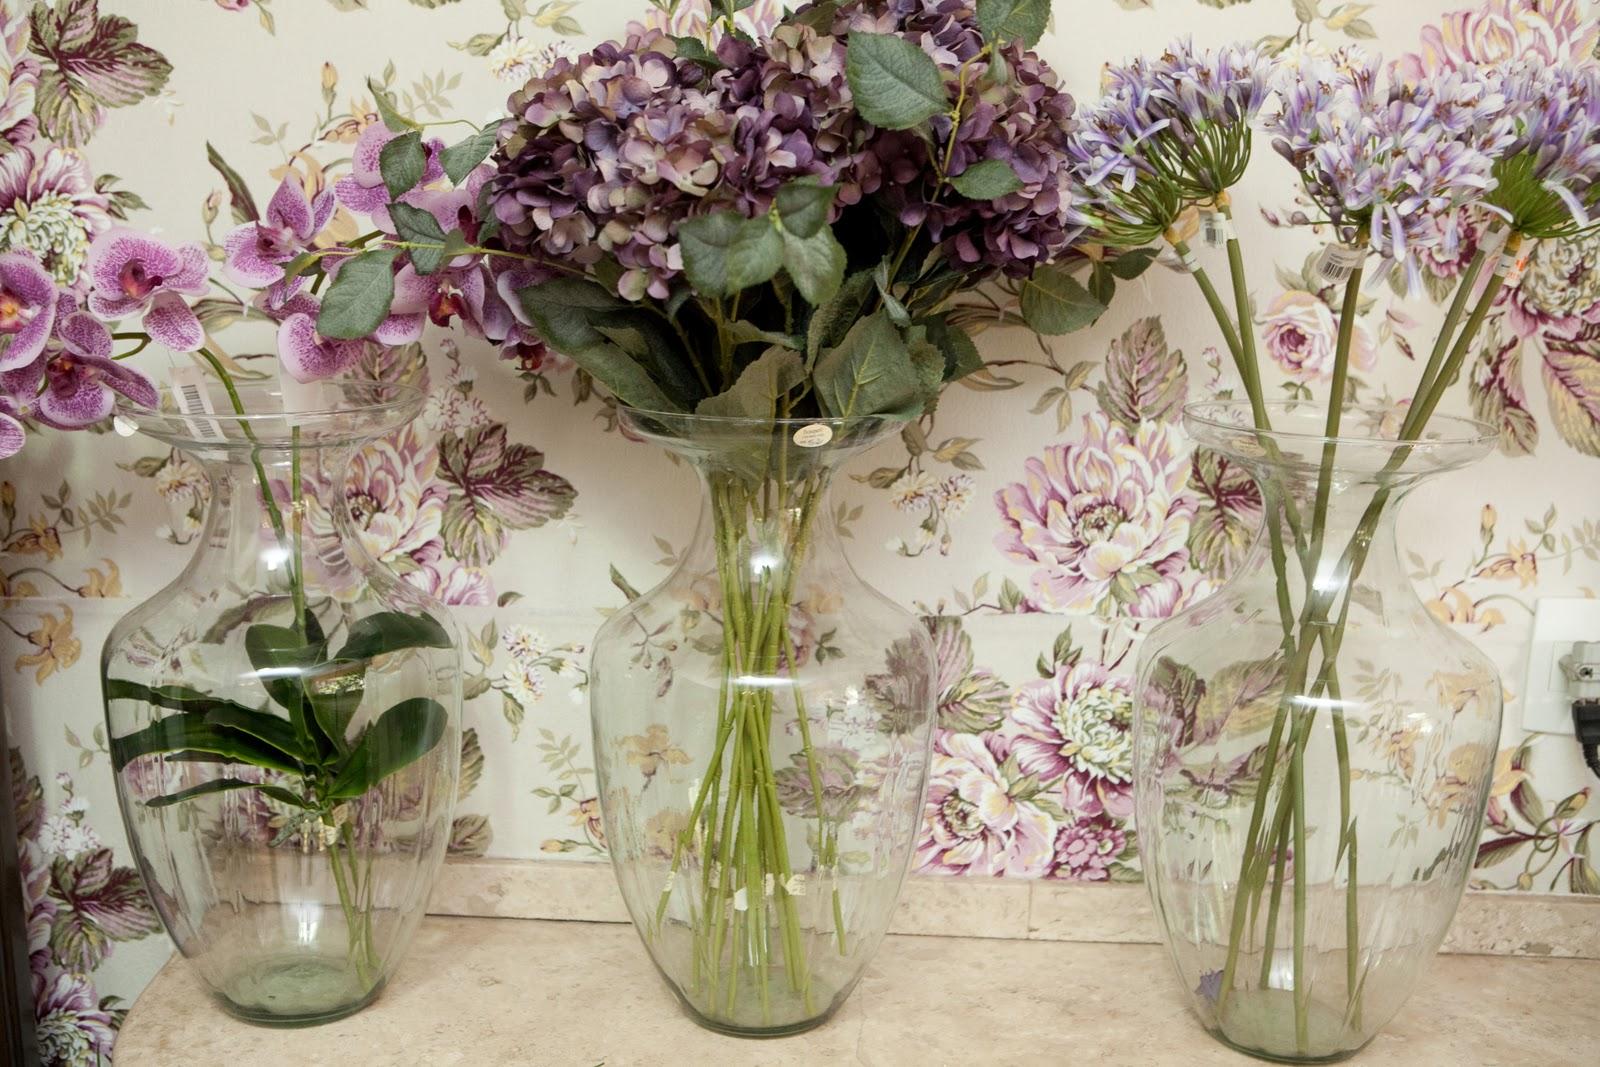 Flores artificiais levam a primavera para dentro da sua casa  Agente Imóvel -> Decoracao De Banheiro Com Flores Artificiais